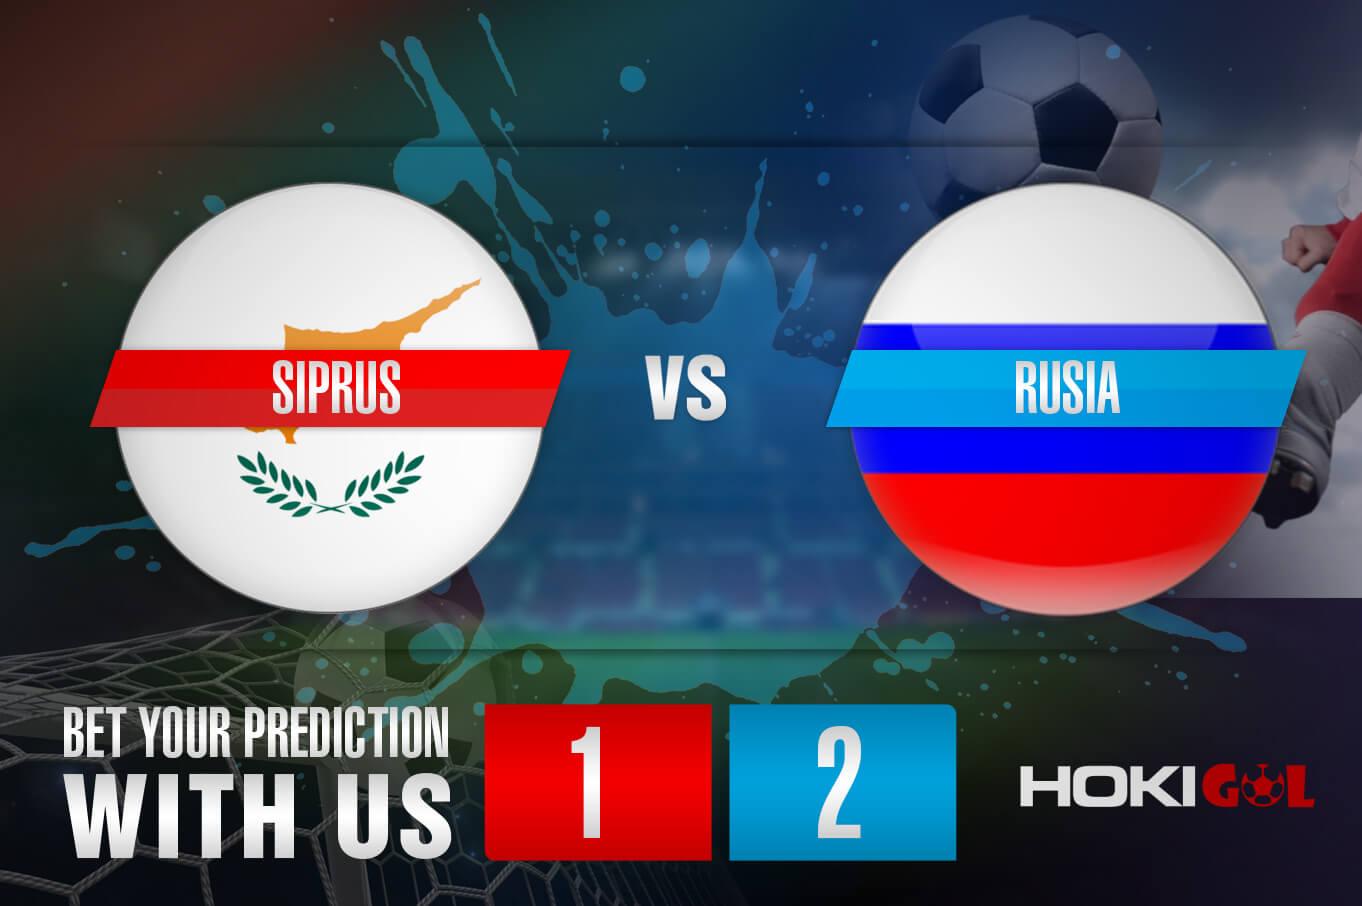 Prediksi Bola Siprus Vs Rusia 4 September 2021